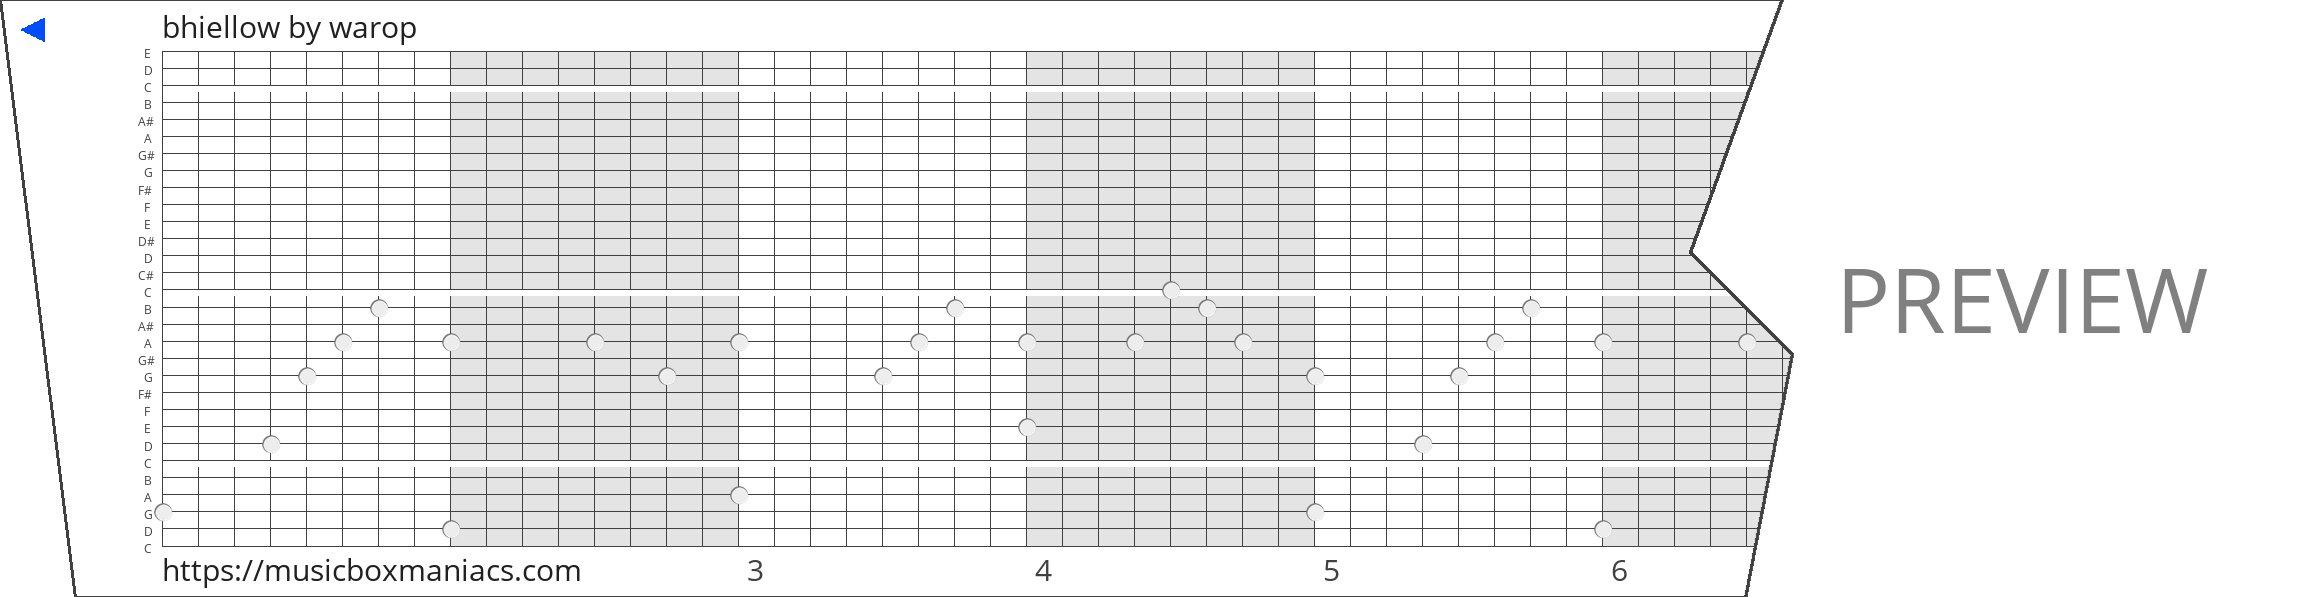 bhiellow 30 note music box paper strip